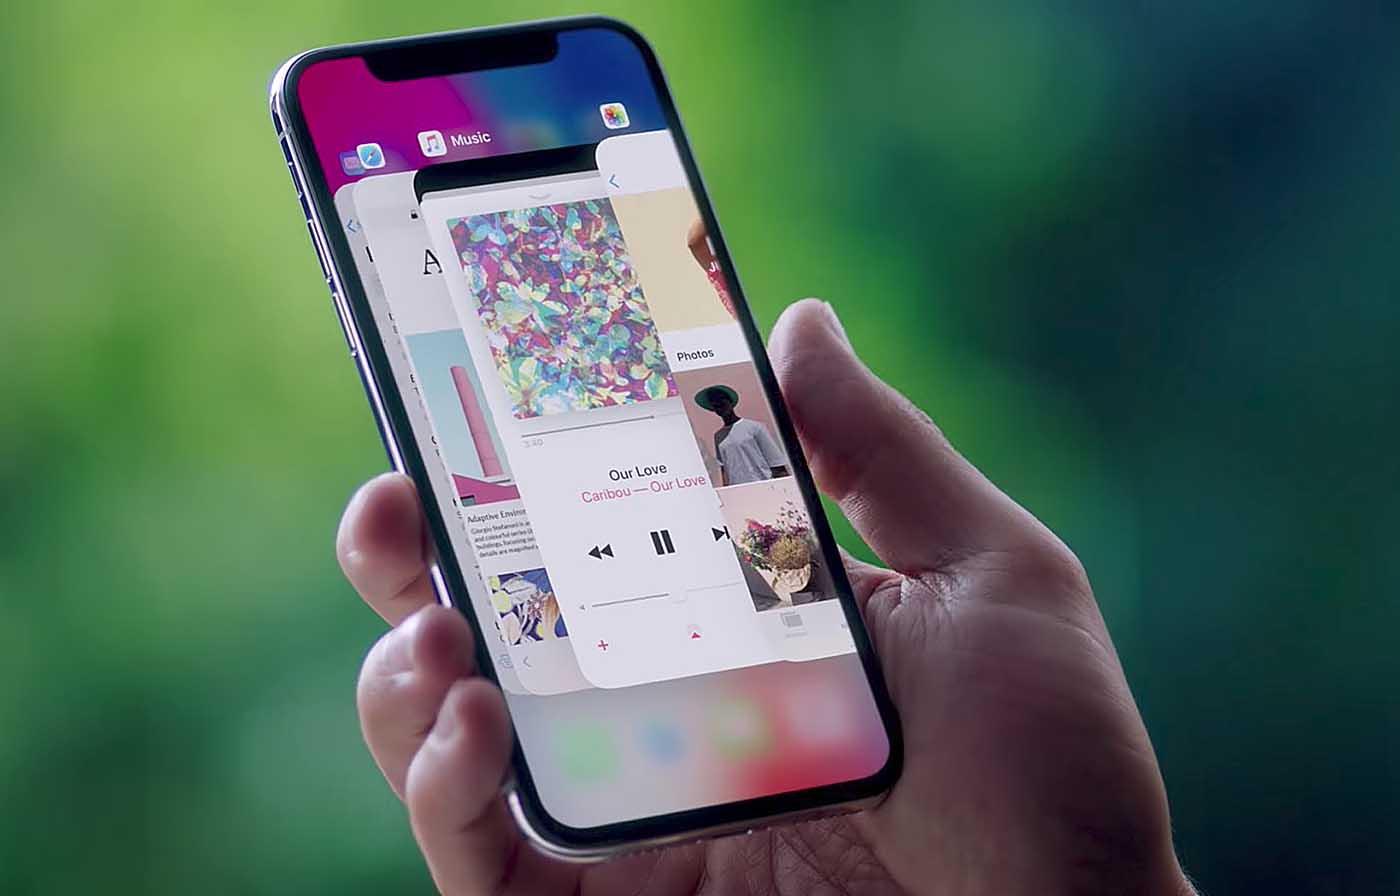 Qualcomm asegura que los gestos de interfaz de la multitarea del iPhone X violan las patentes del sistema webOS que son de su propiedad